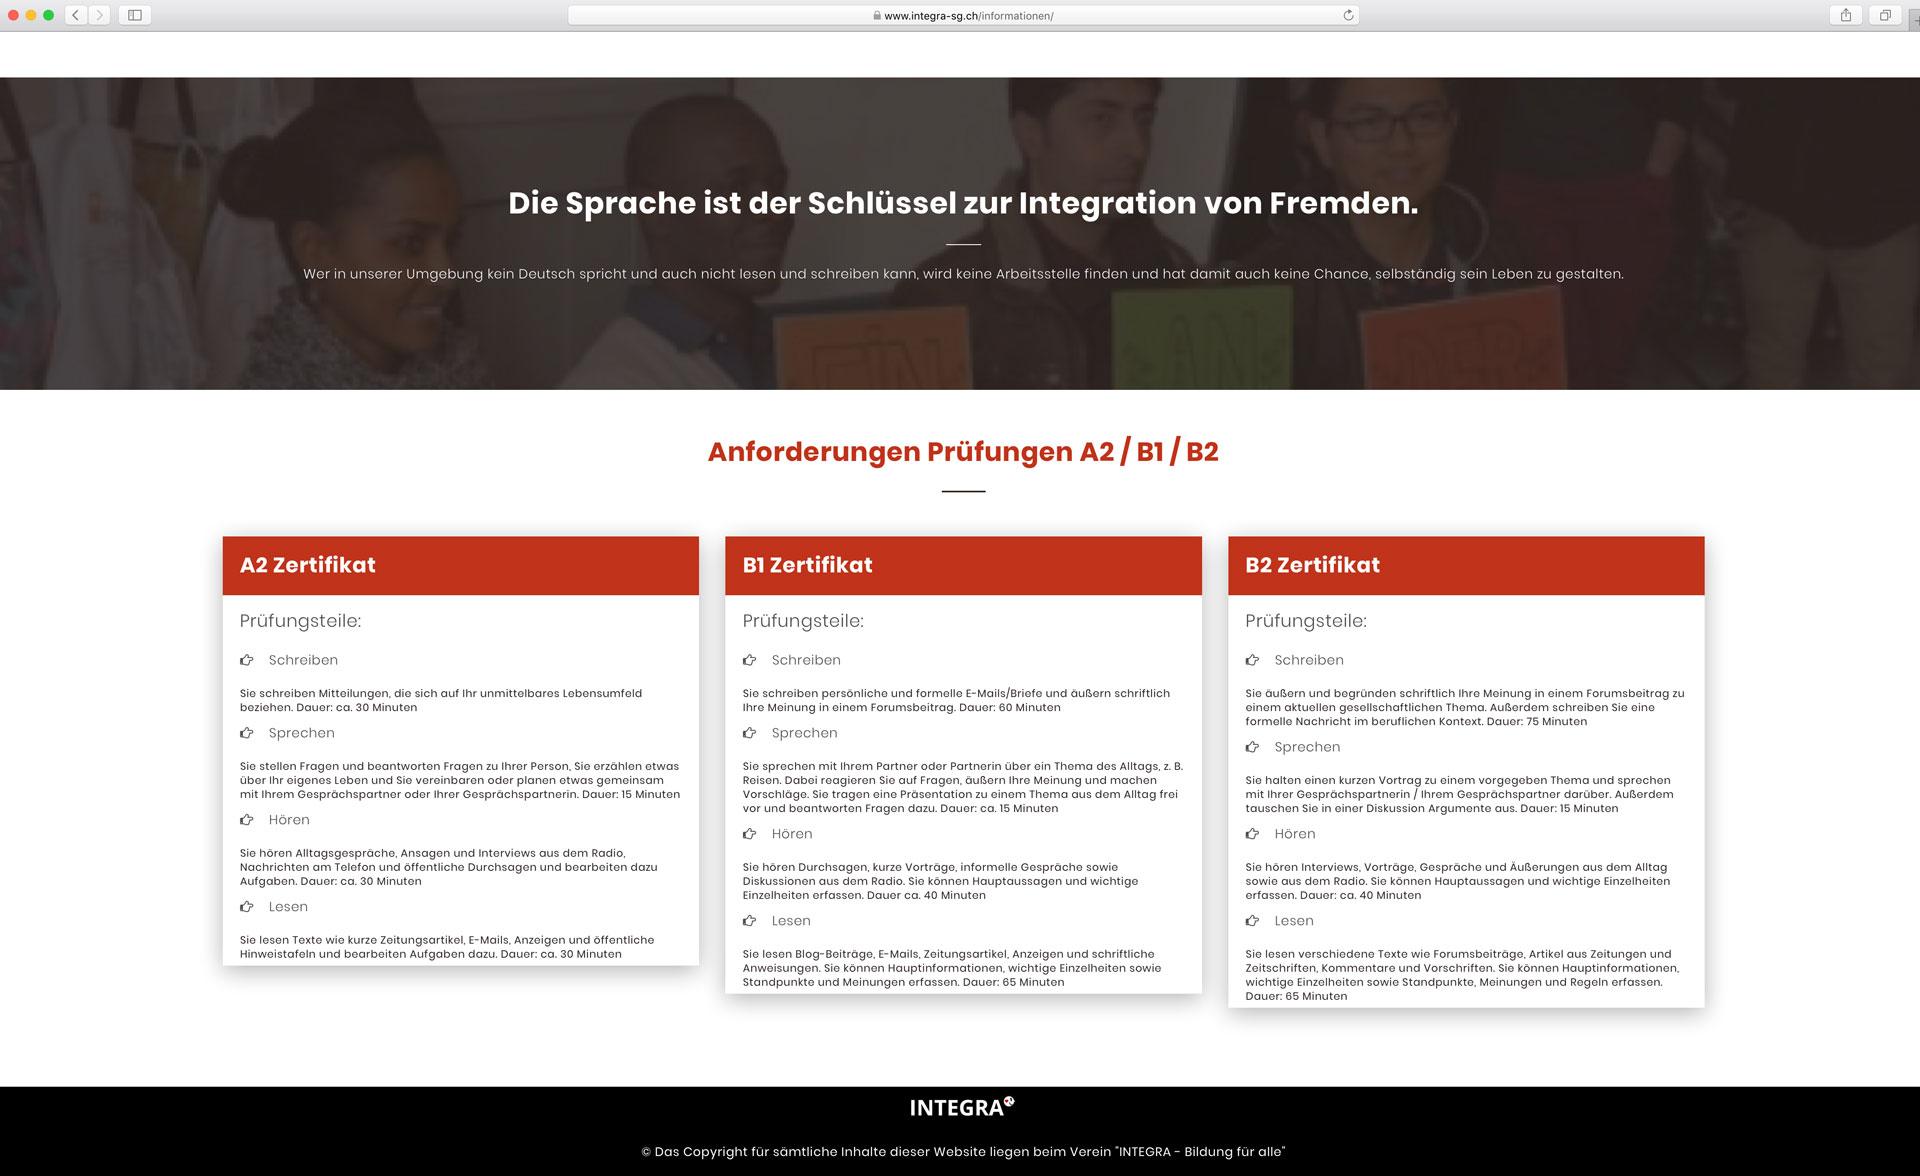 Integra_Internetauftritt_3.jpg